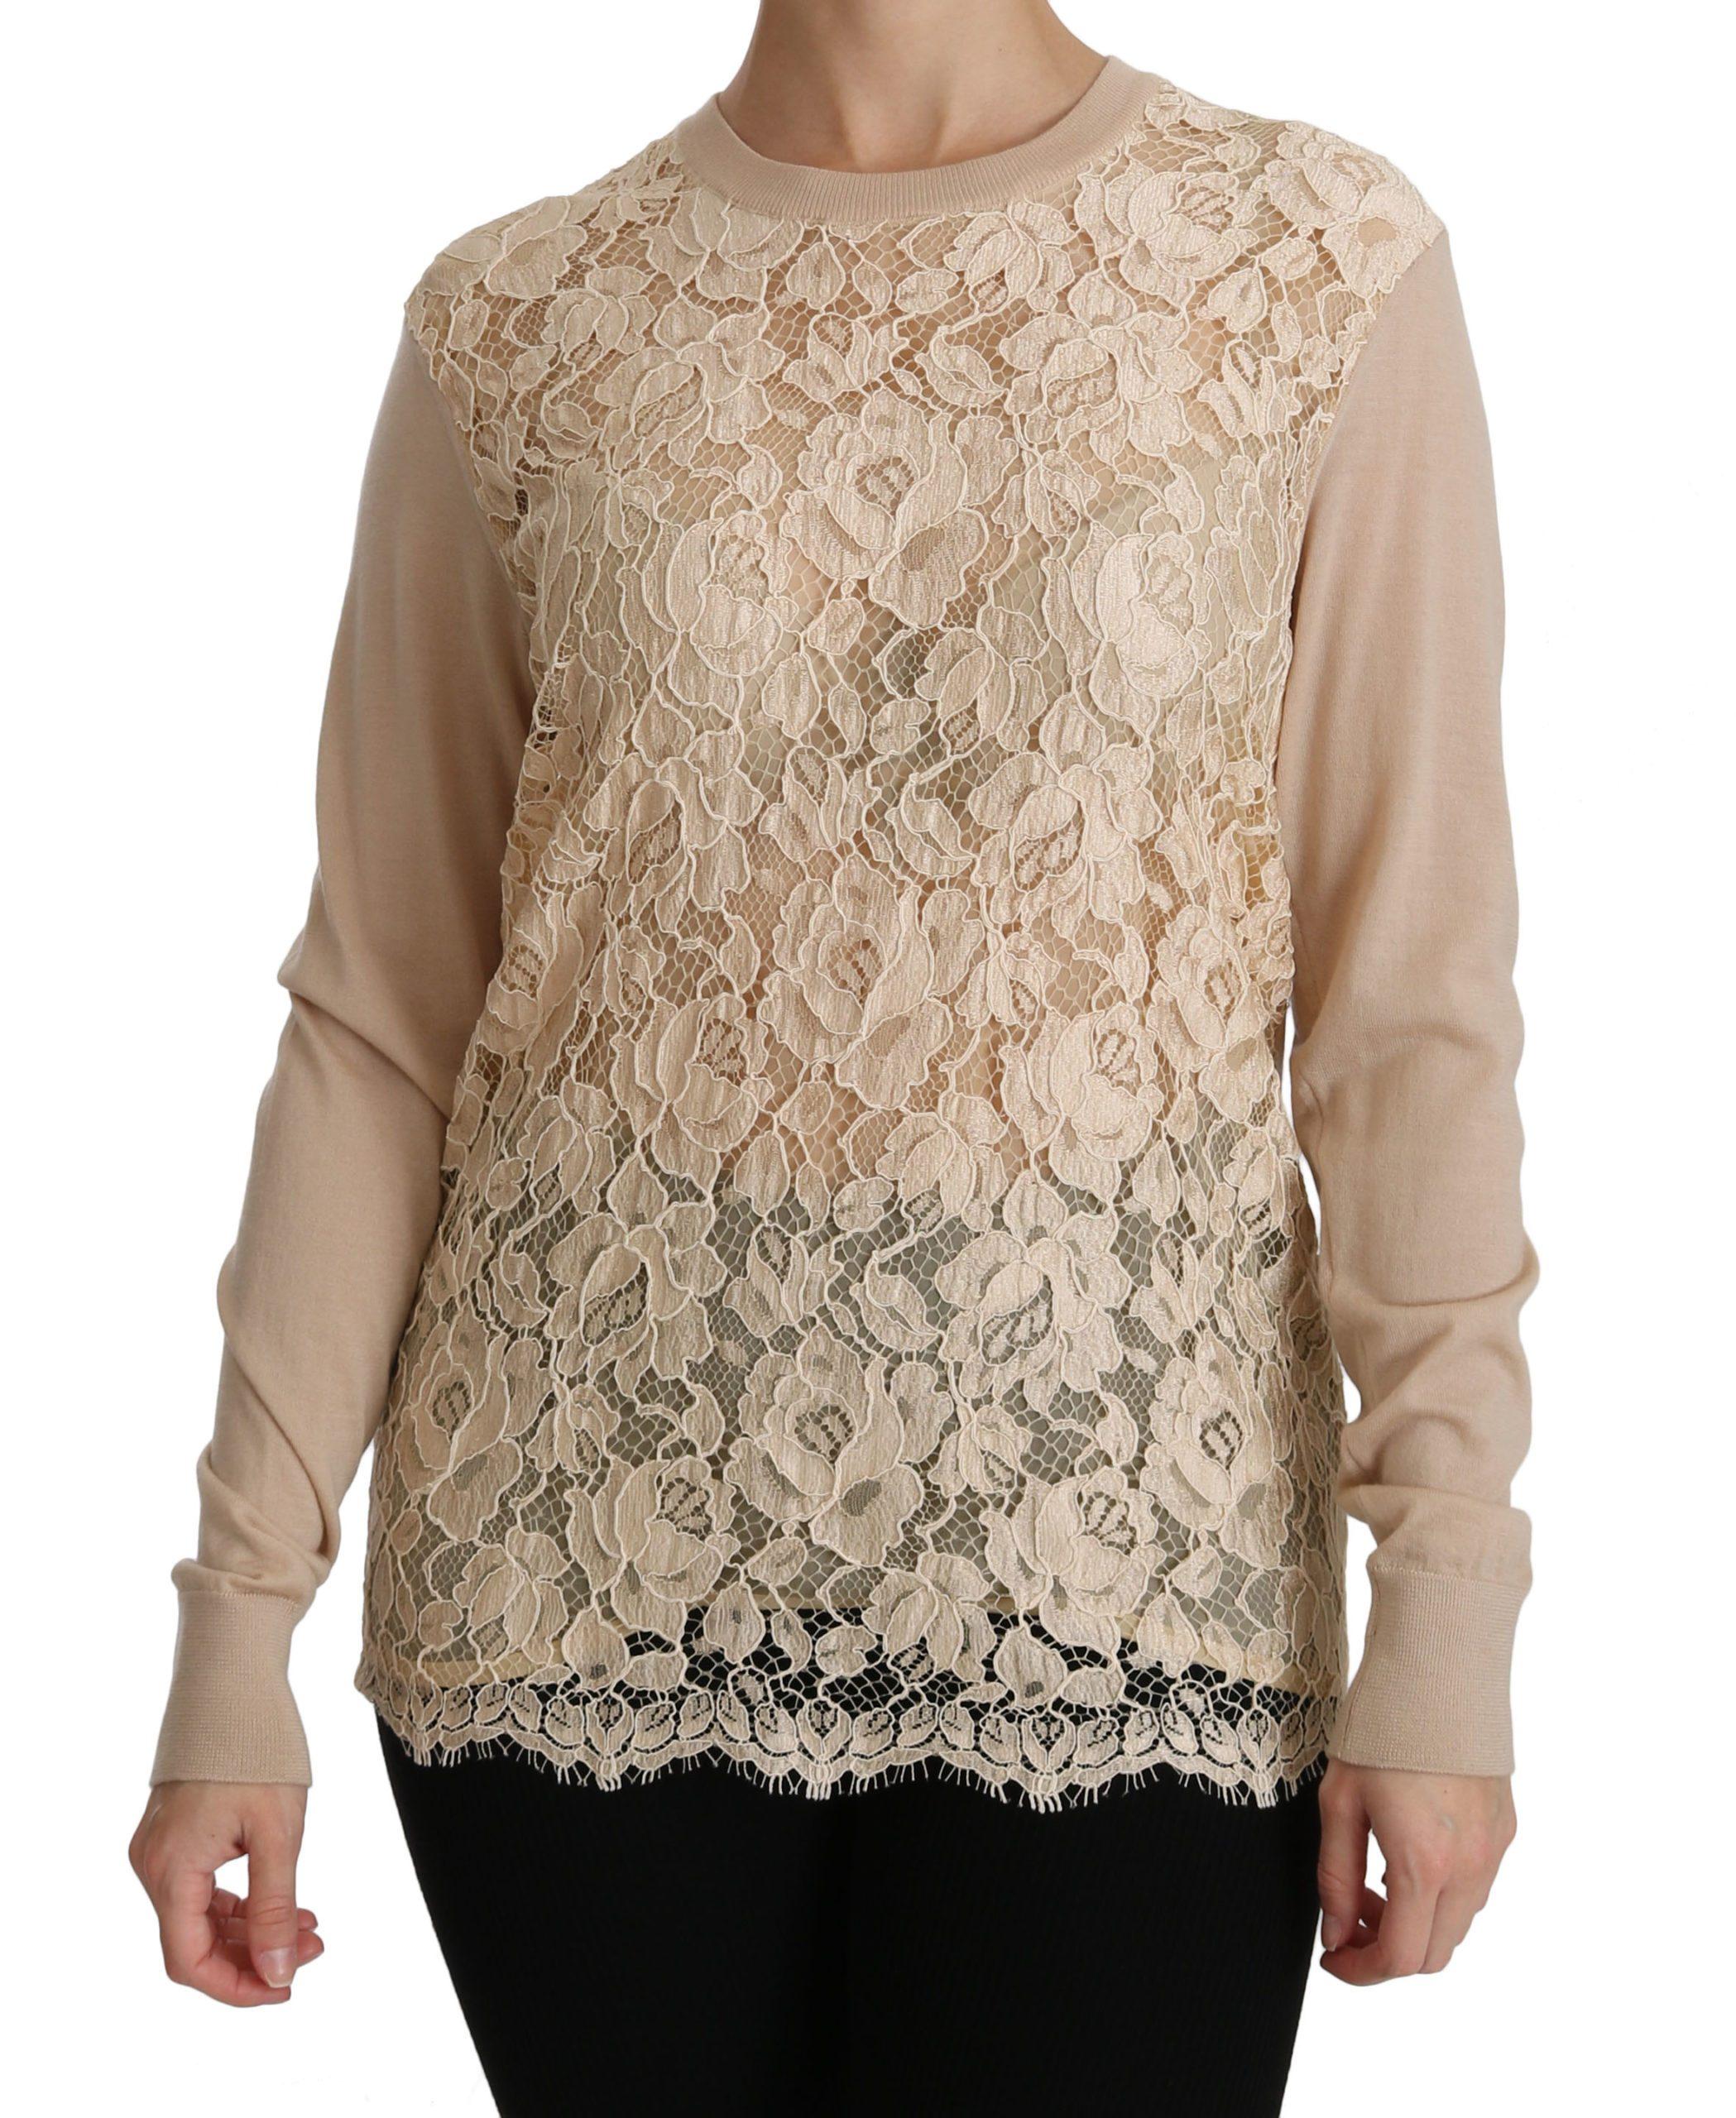 Dolce & Gabbana Women's Lace Long Sleeve Cashmere Beige TSH4250-38 - IT38 XS